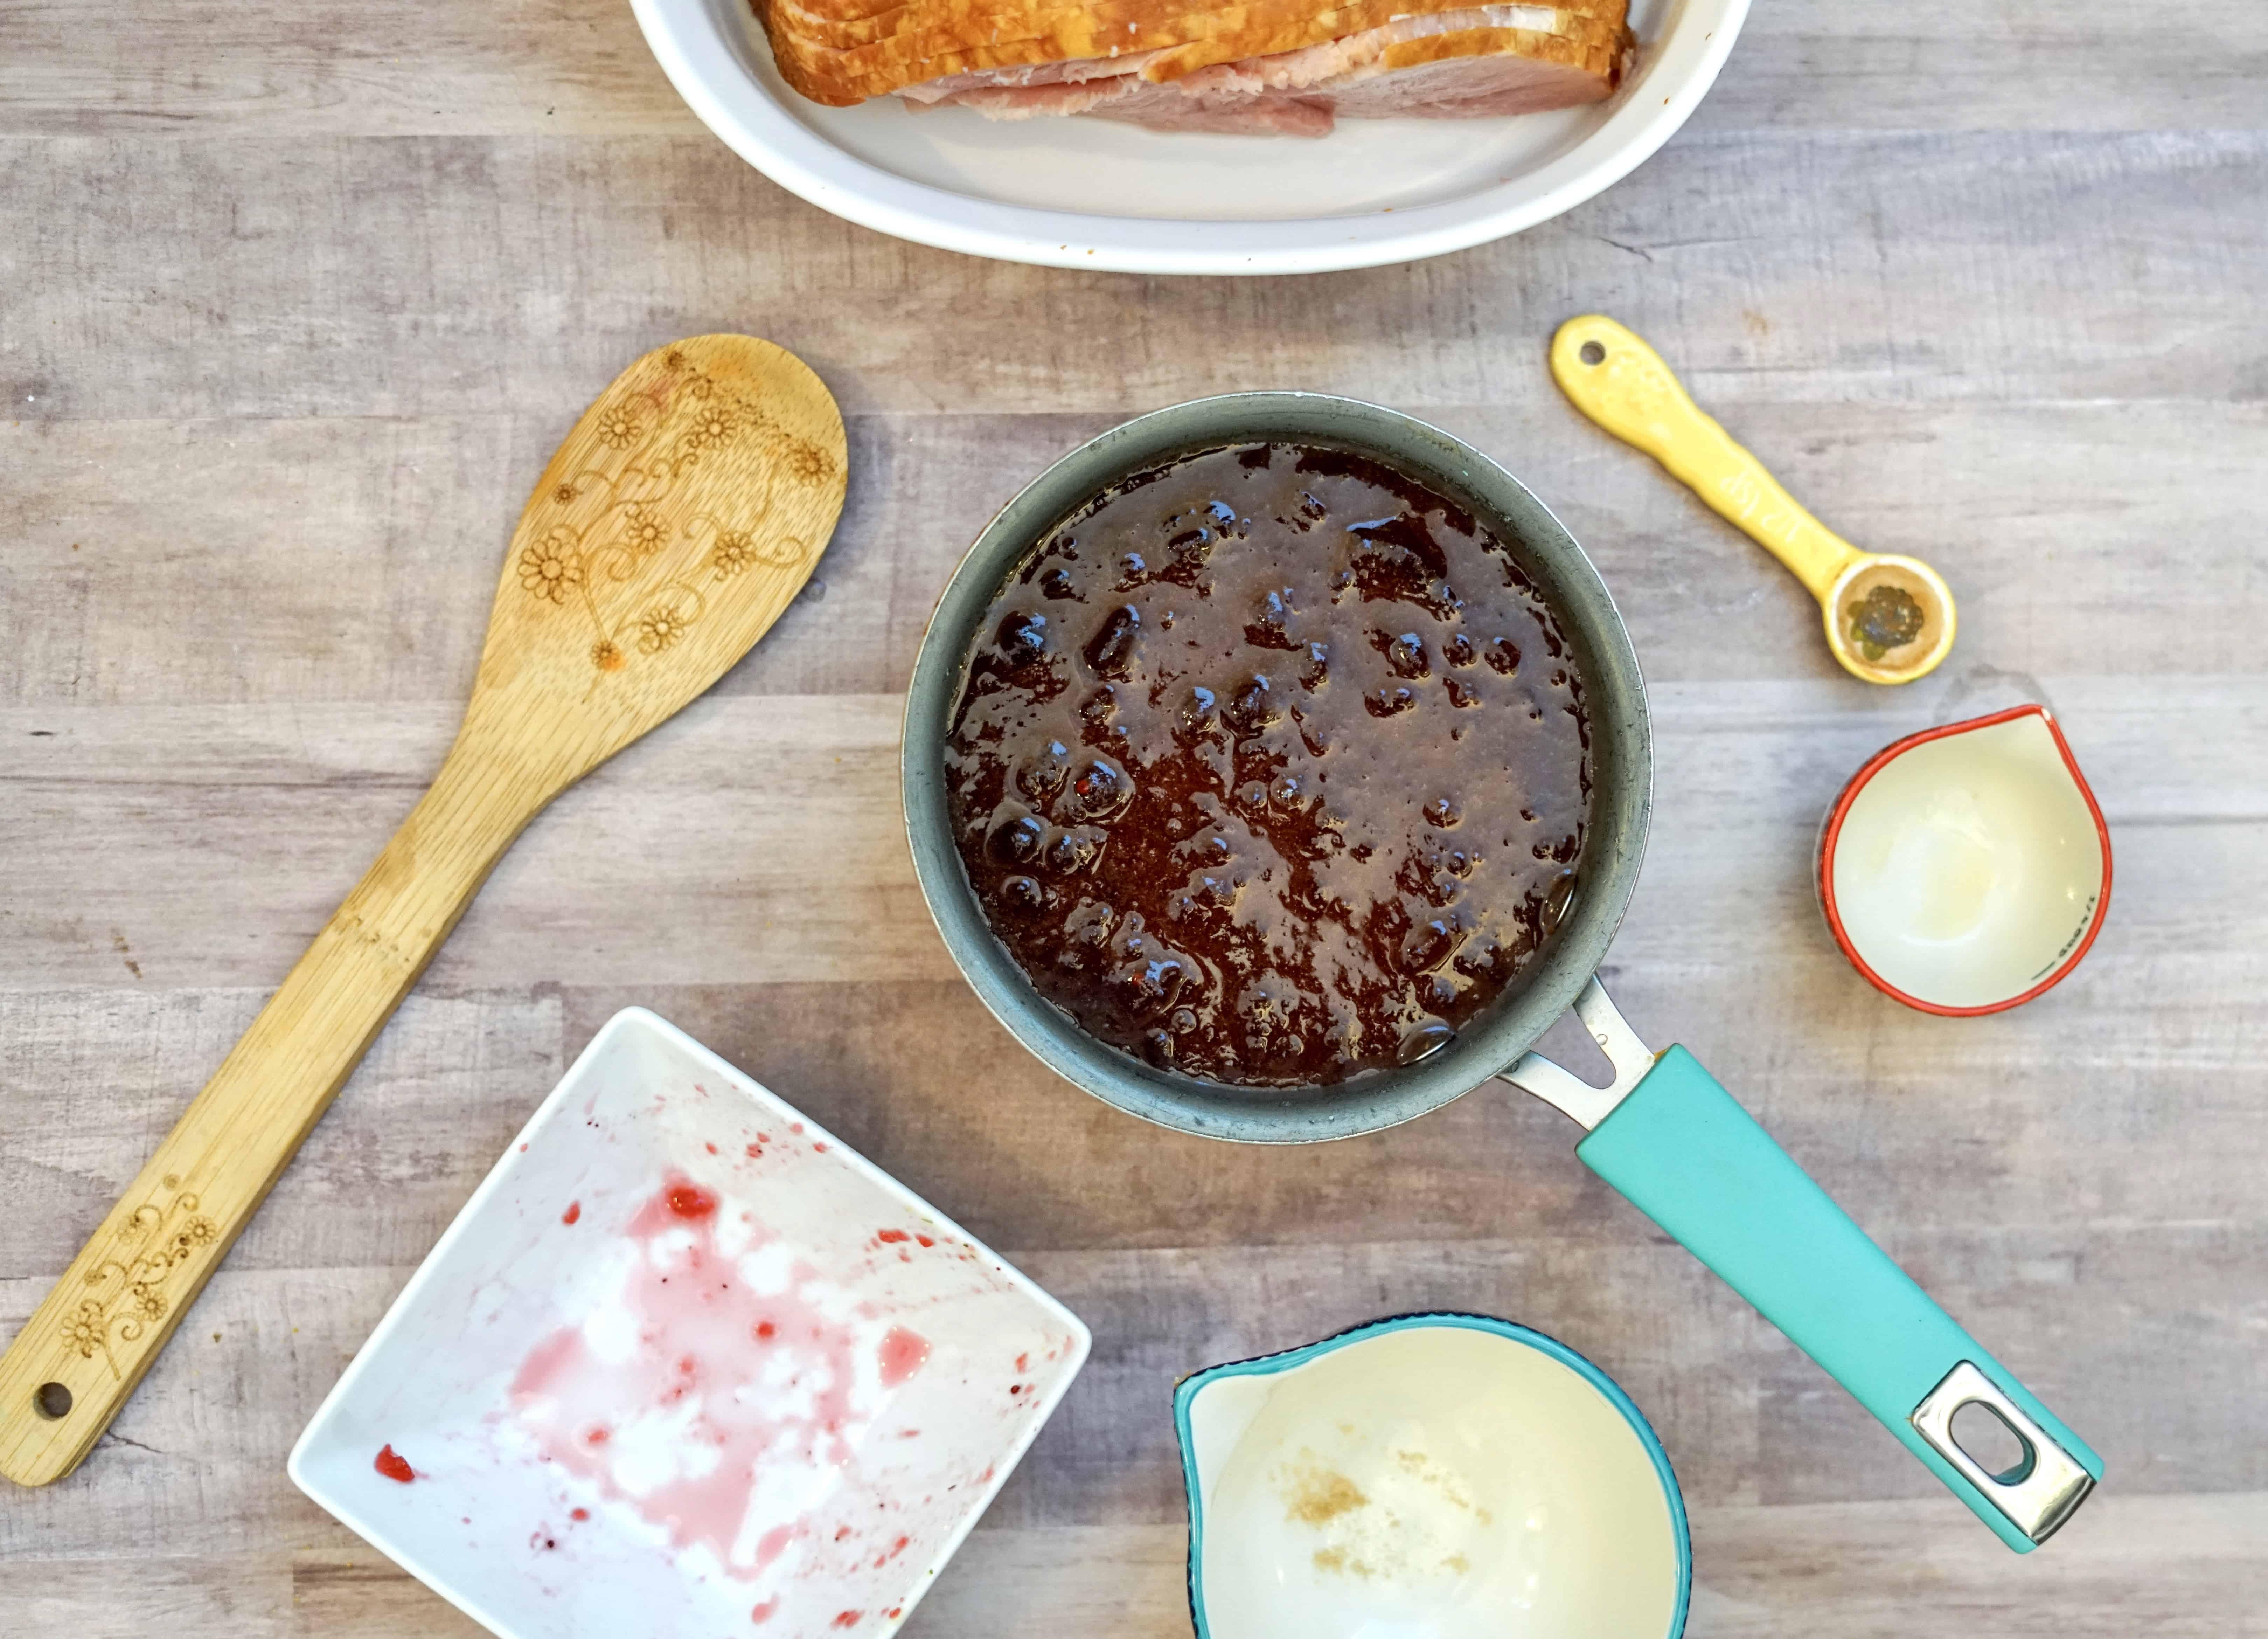 Easy Cranberry Ham Glaze Recipe - Traditional Christmas Dinner Idea